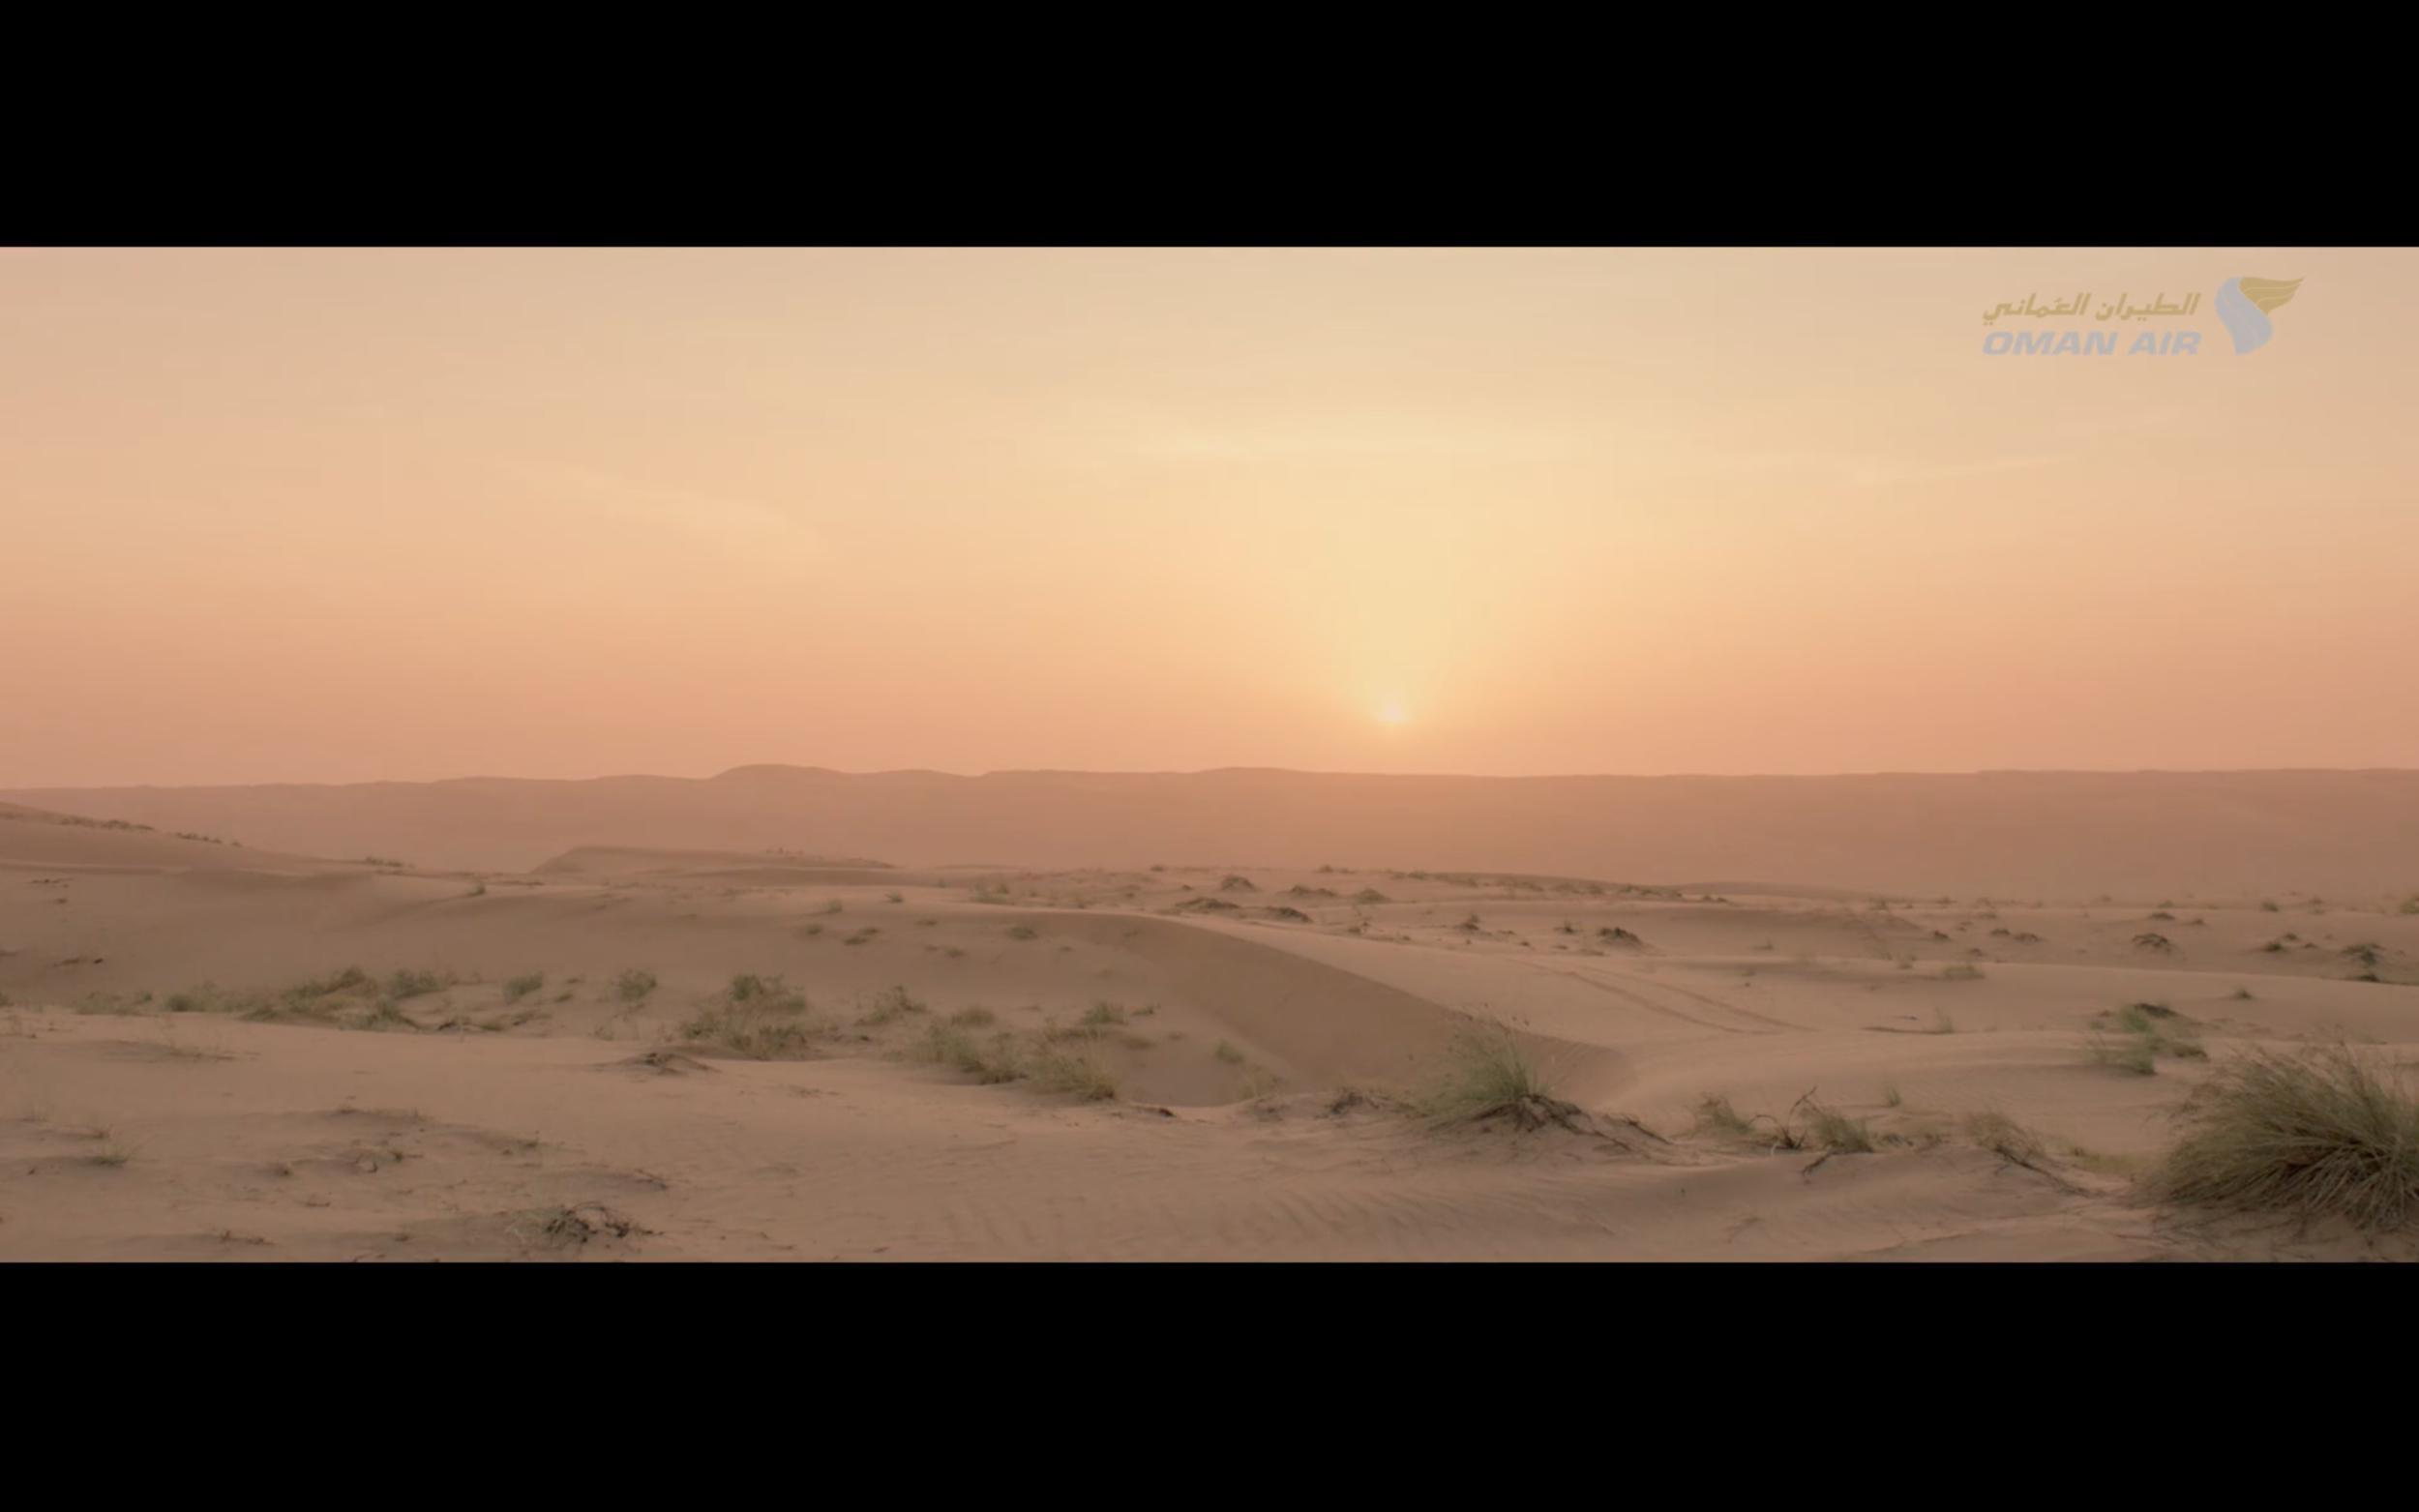 Screen Shot 2018-03-13 at 10.57.01.png